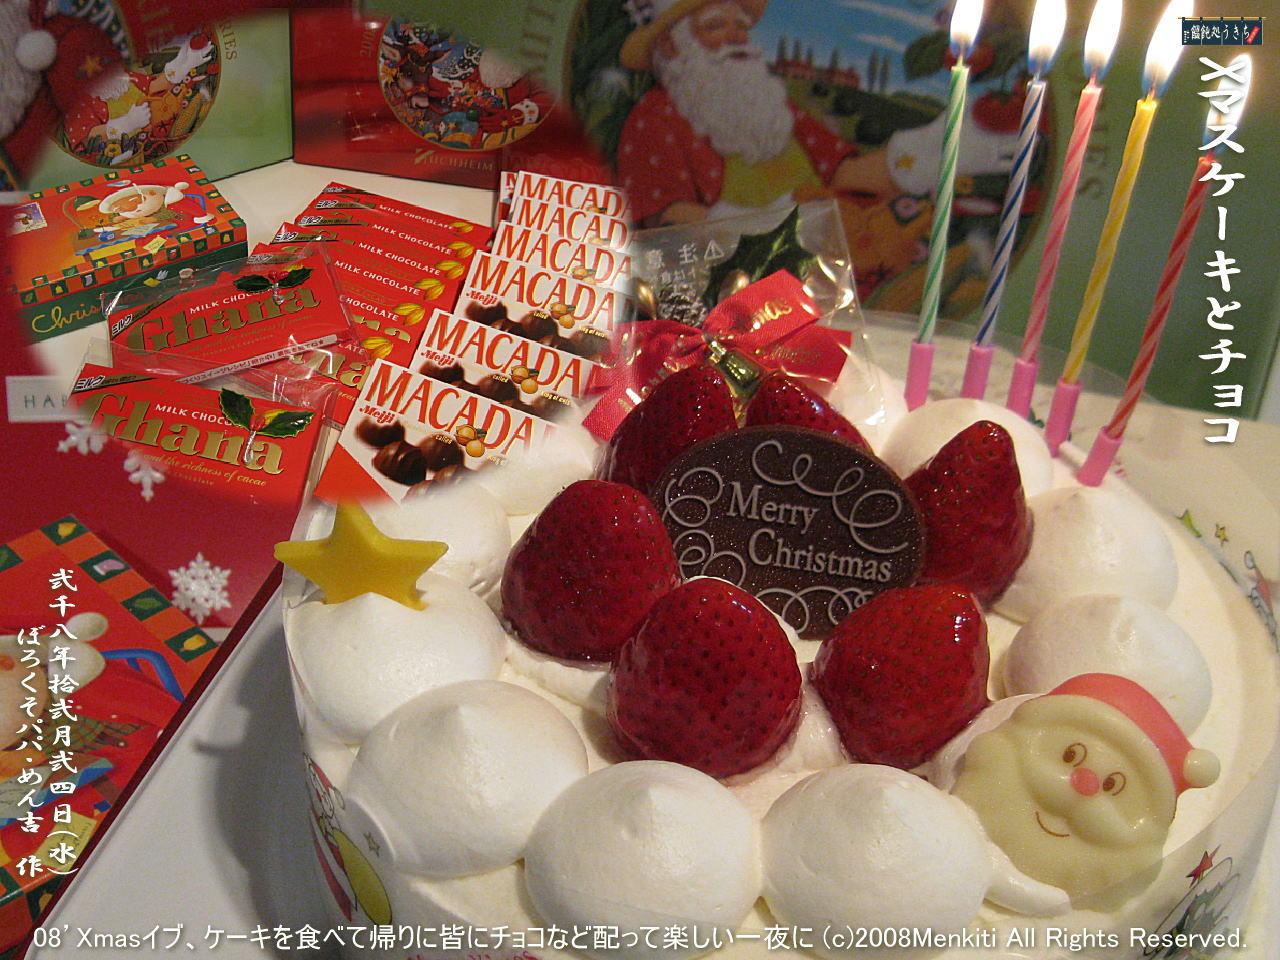 12/24(水)08'Xmasイブ、クリスマスケーキ(Xmasケーキ)を食べて帰りに皆にチョコなど配って楽しい一夜に@キャツピ&めん吉の【ぼろくそパパの独り言】     ▼クリックで1280x960pxlsに拡大します。